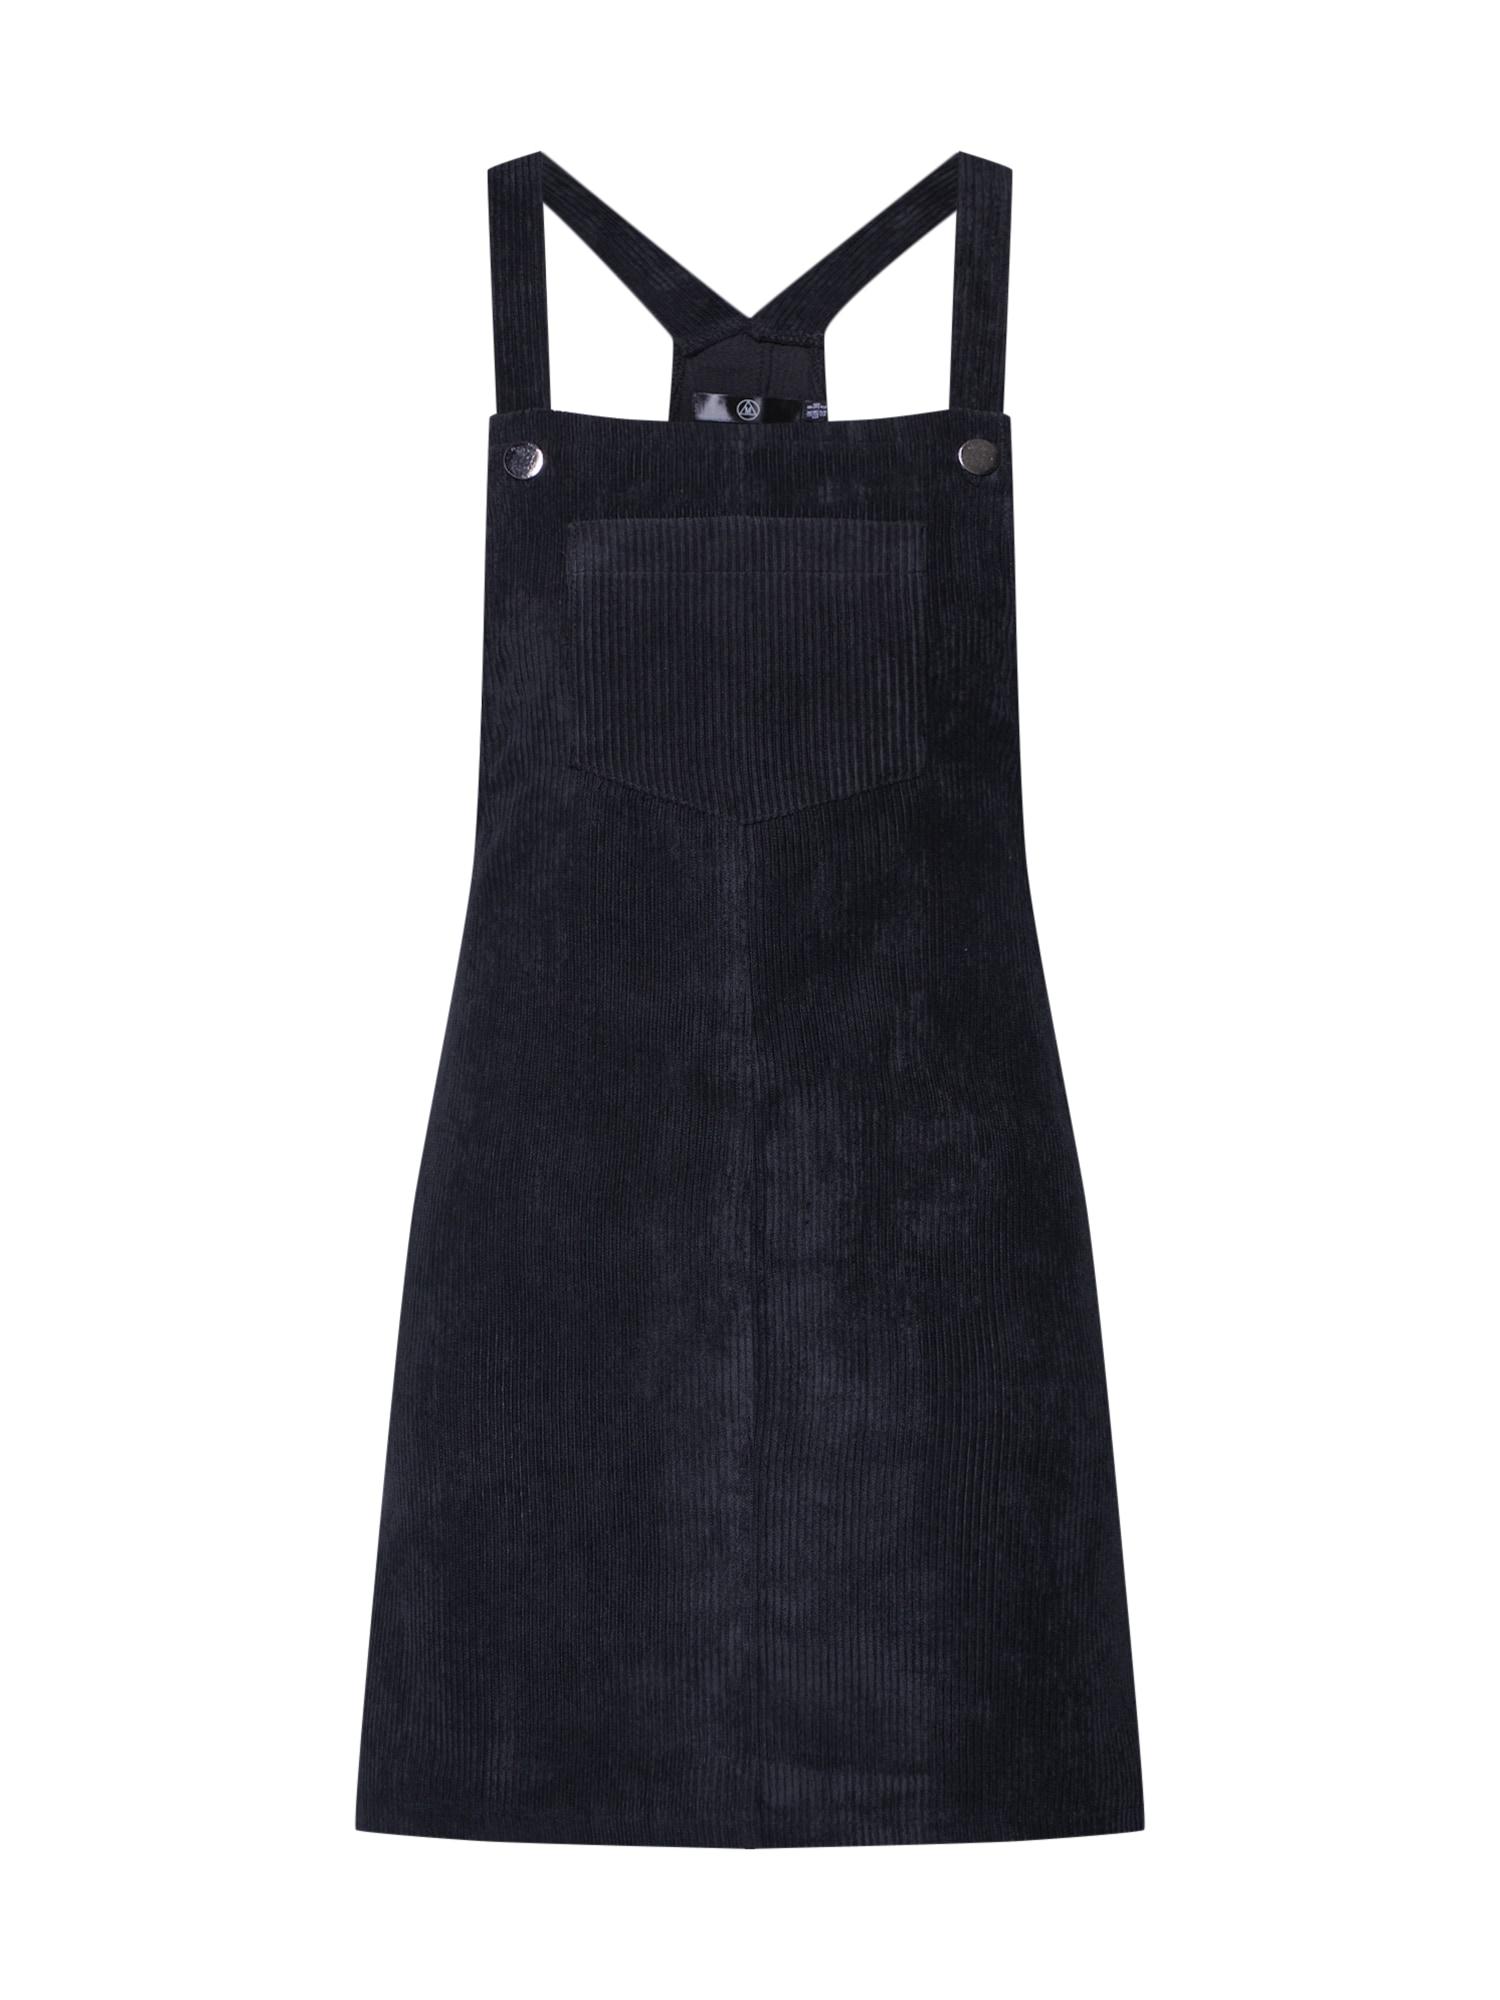 Laclová sukně CORDUROY PINAFORE DRESS černá Missguided